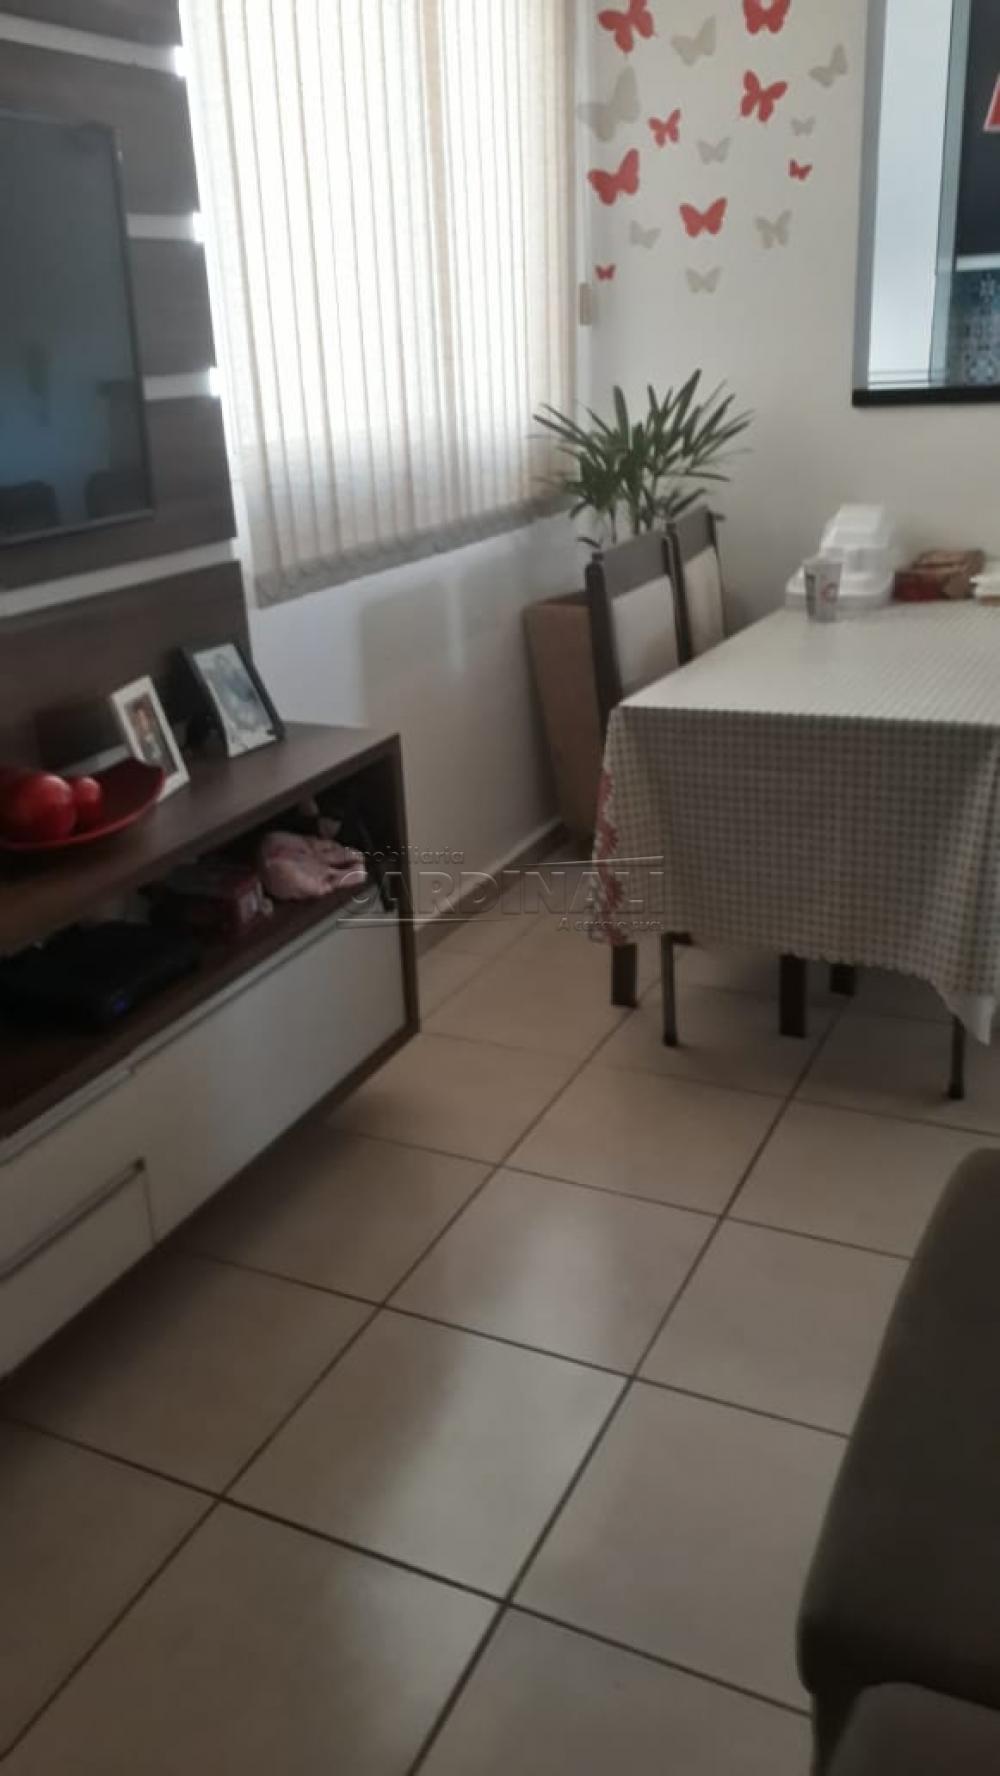 Comprar Apartamento / Padrão em Araraquara R$ 170.000,00 - Foto 2